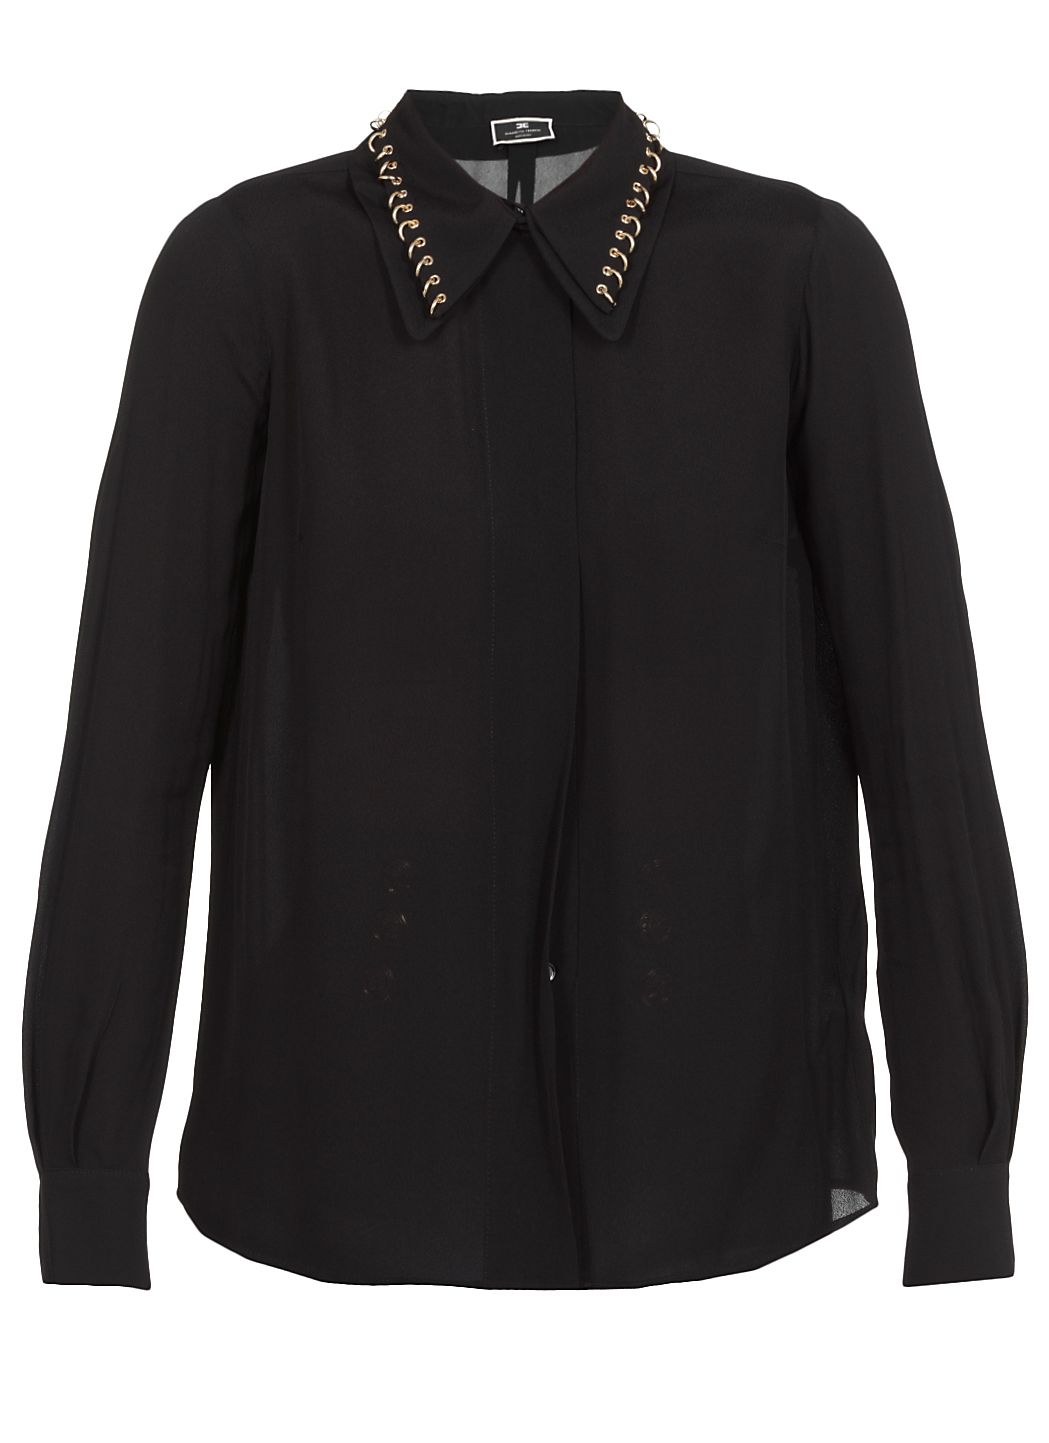 Viscose shirt with light golden studs